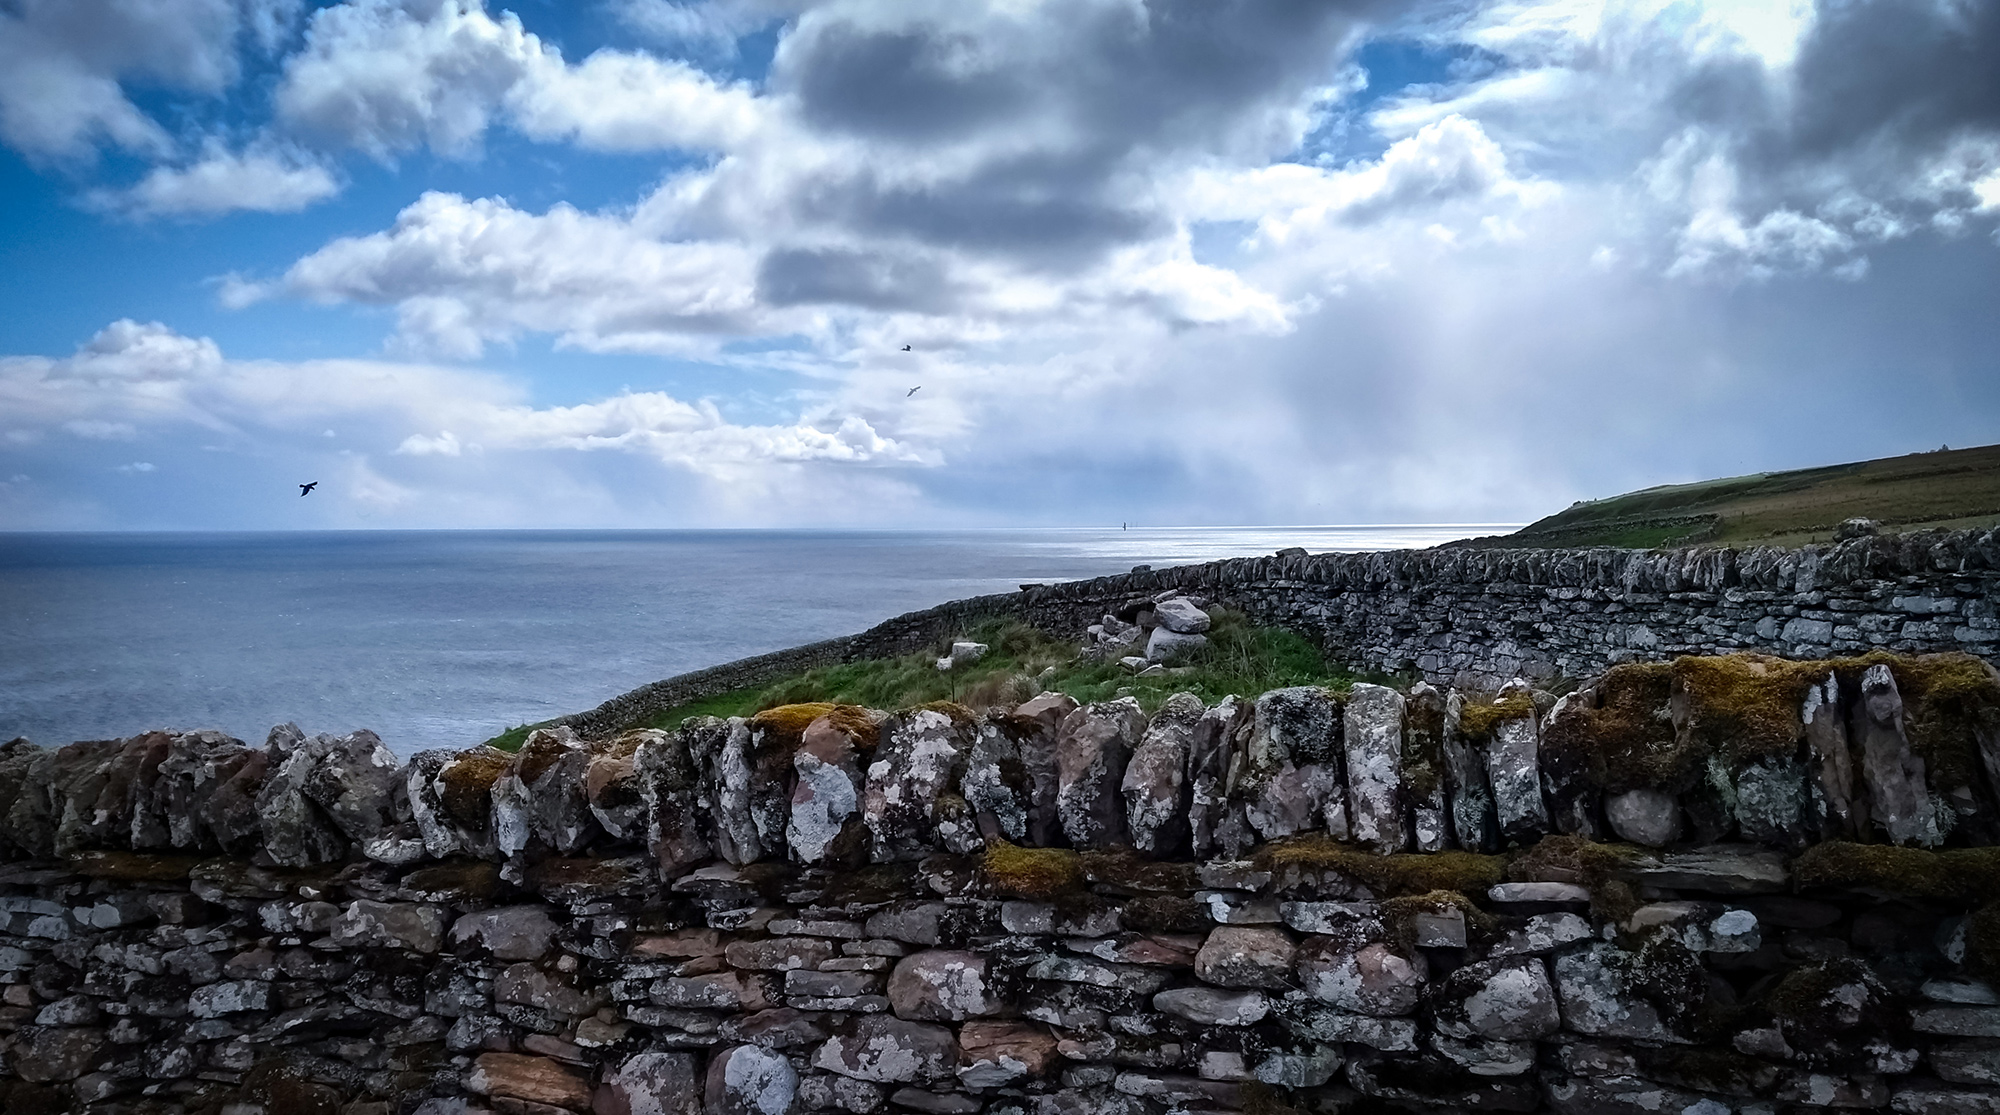 Steinmauern auf Klippe am Meer mit Möve